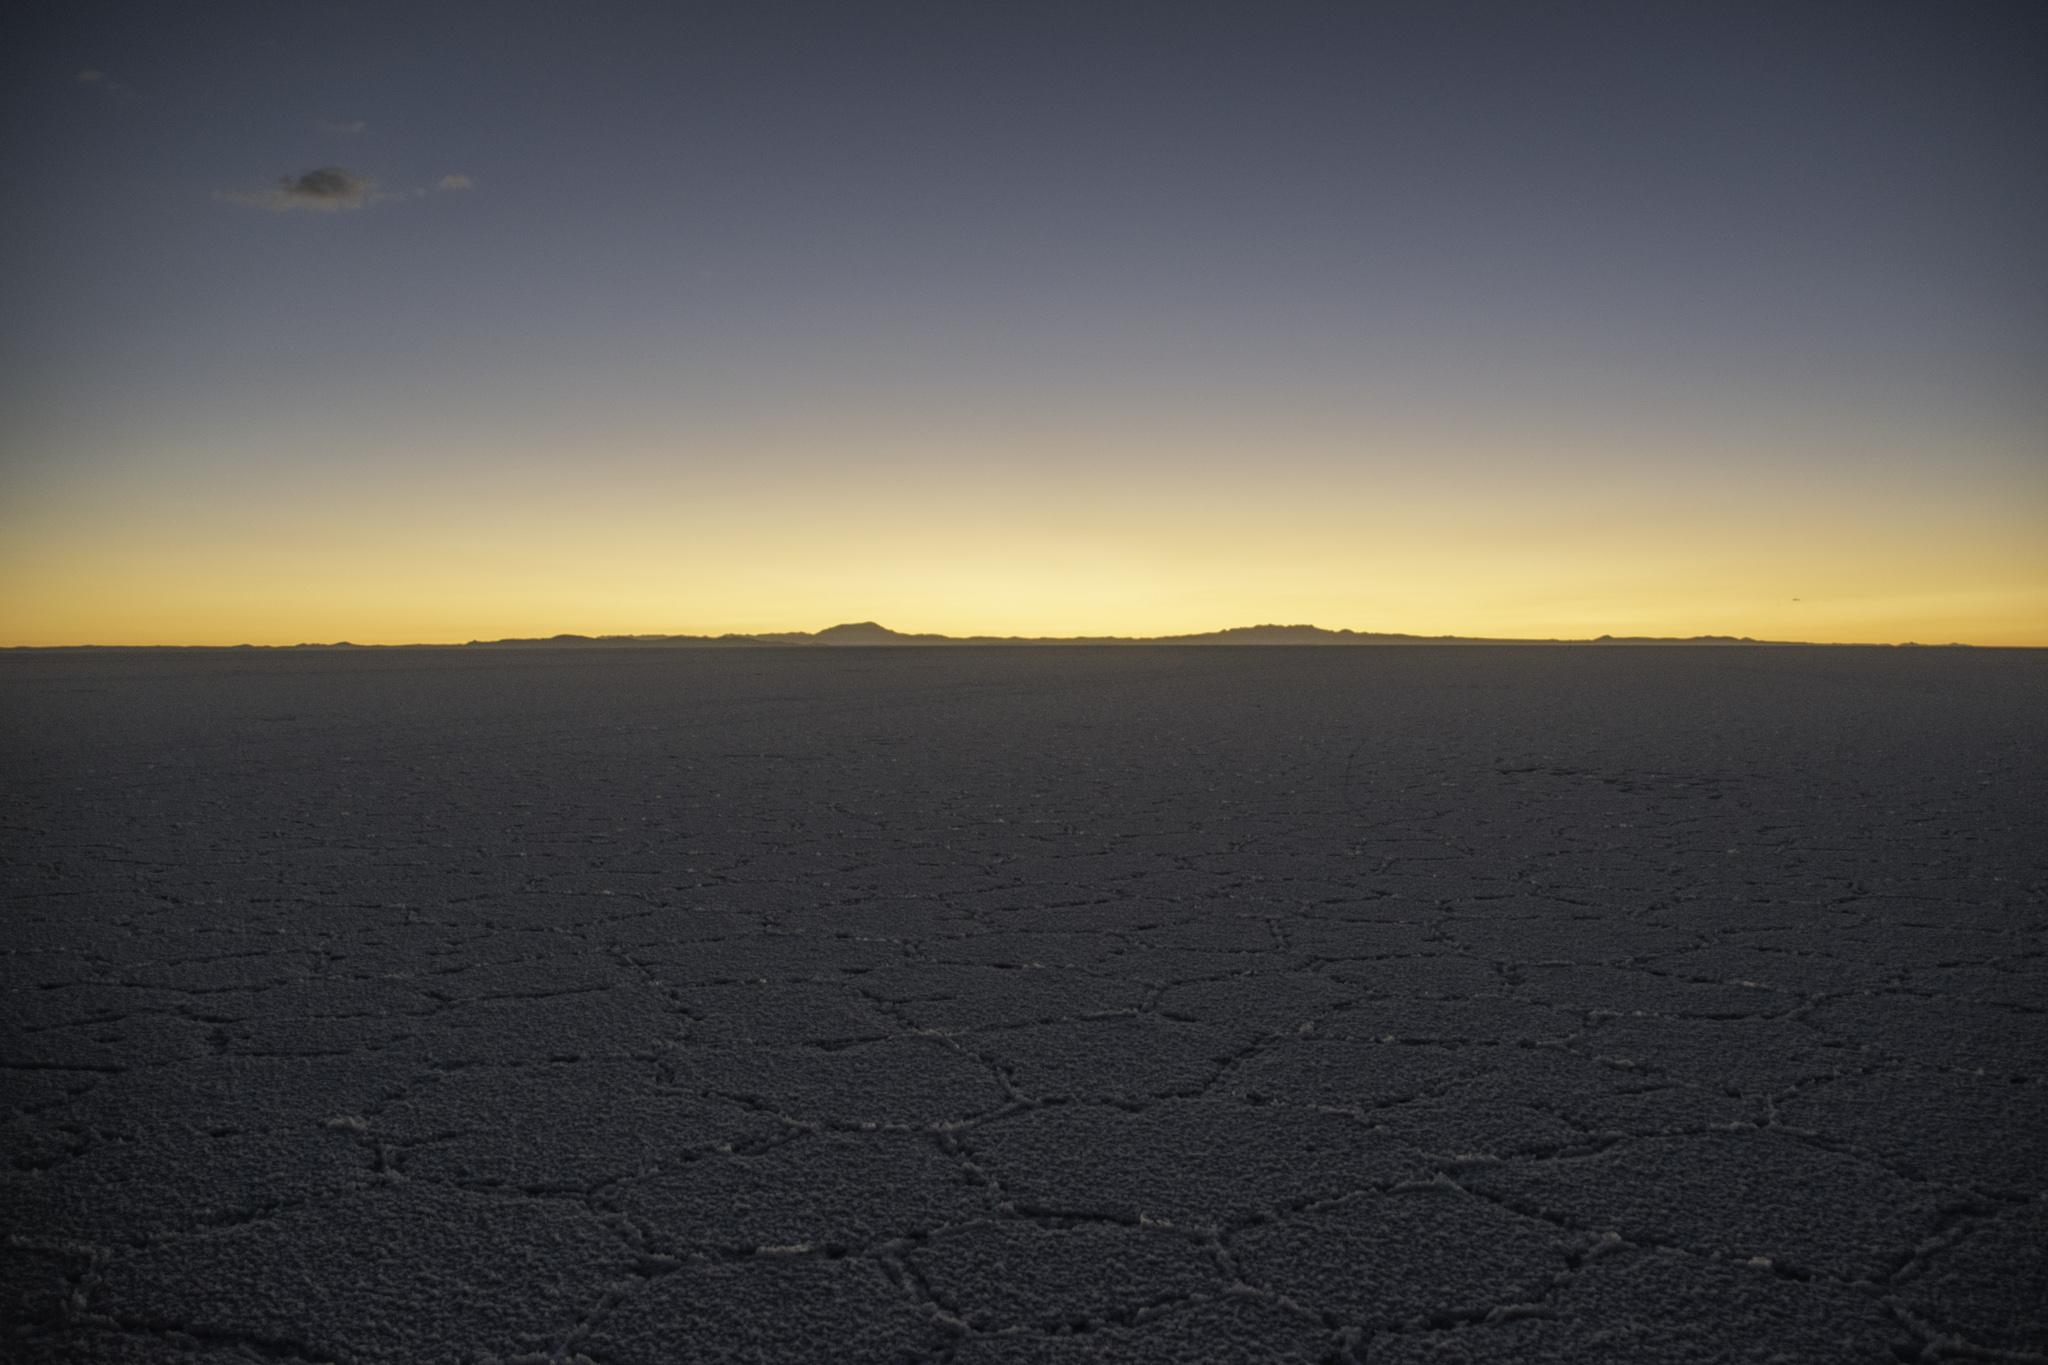 Sonnenuntergang in der Salzwüste